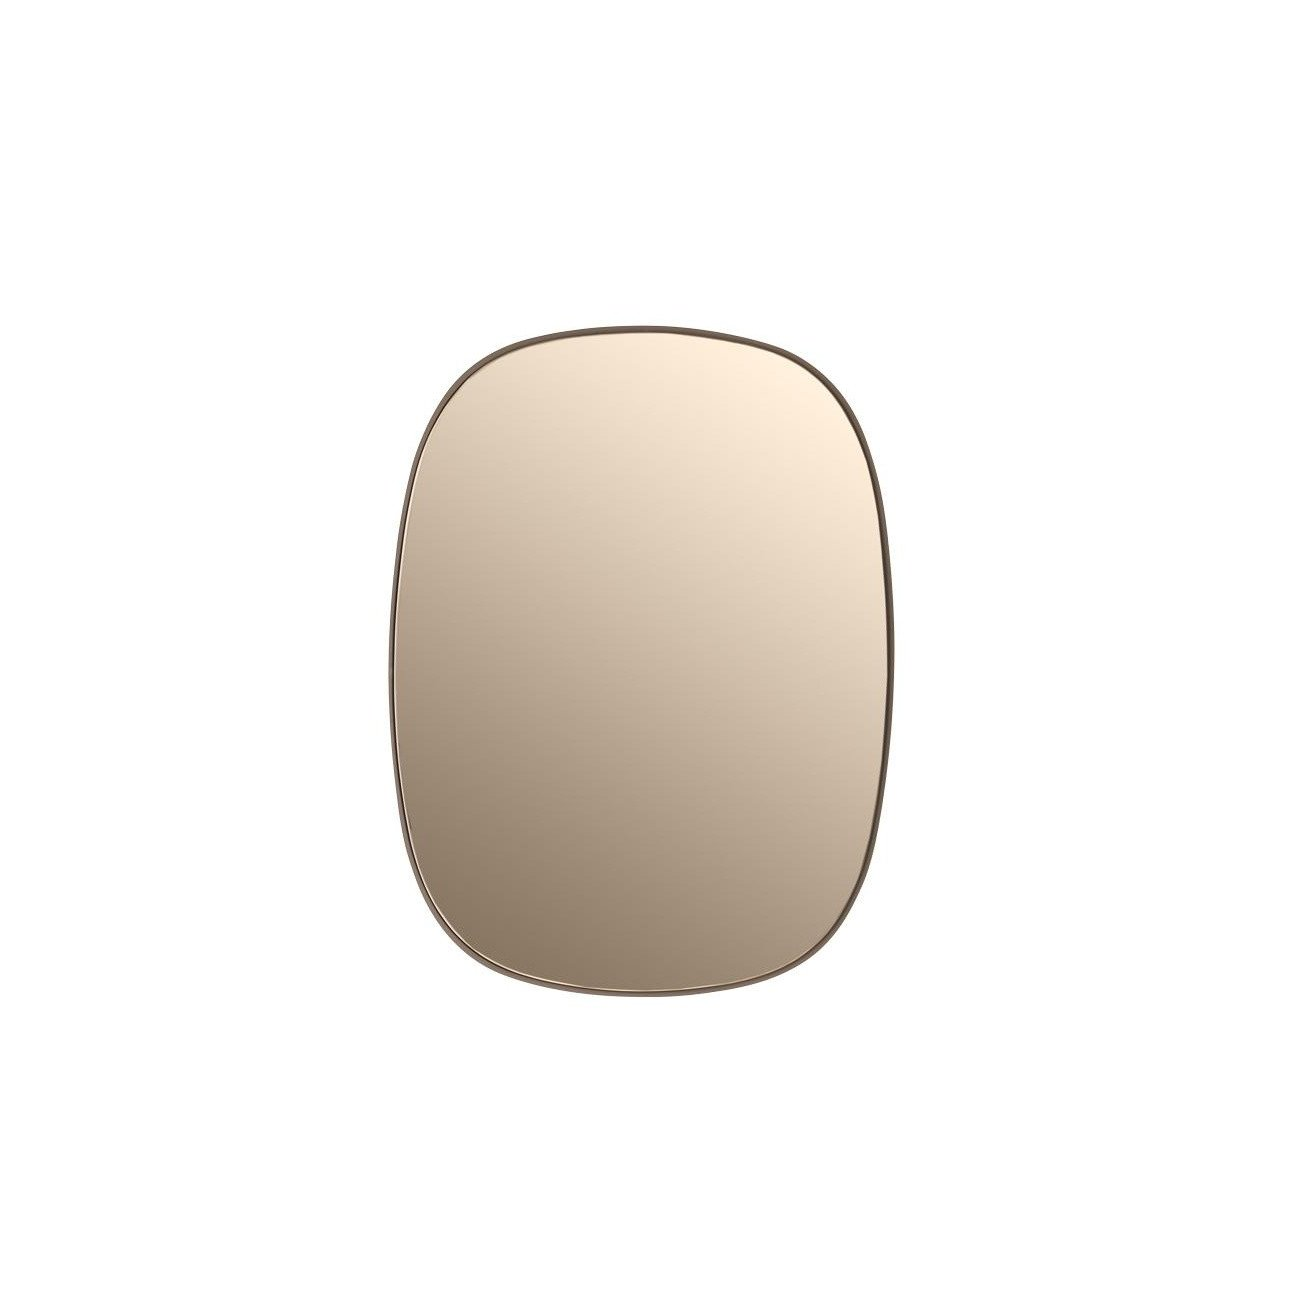 Muuto Framed Mirror Spiegel 59x44cm | AmbienteDirect